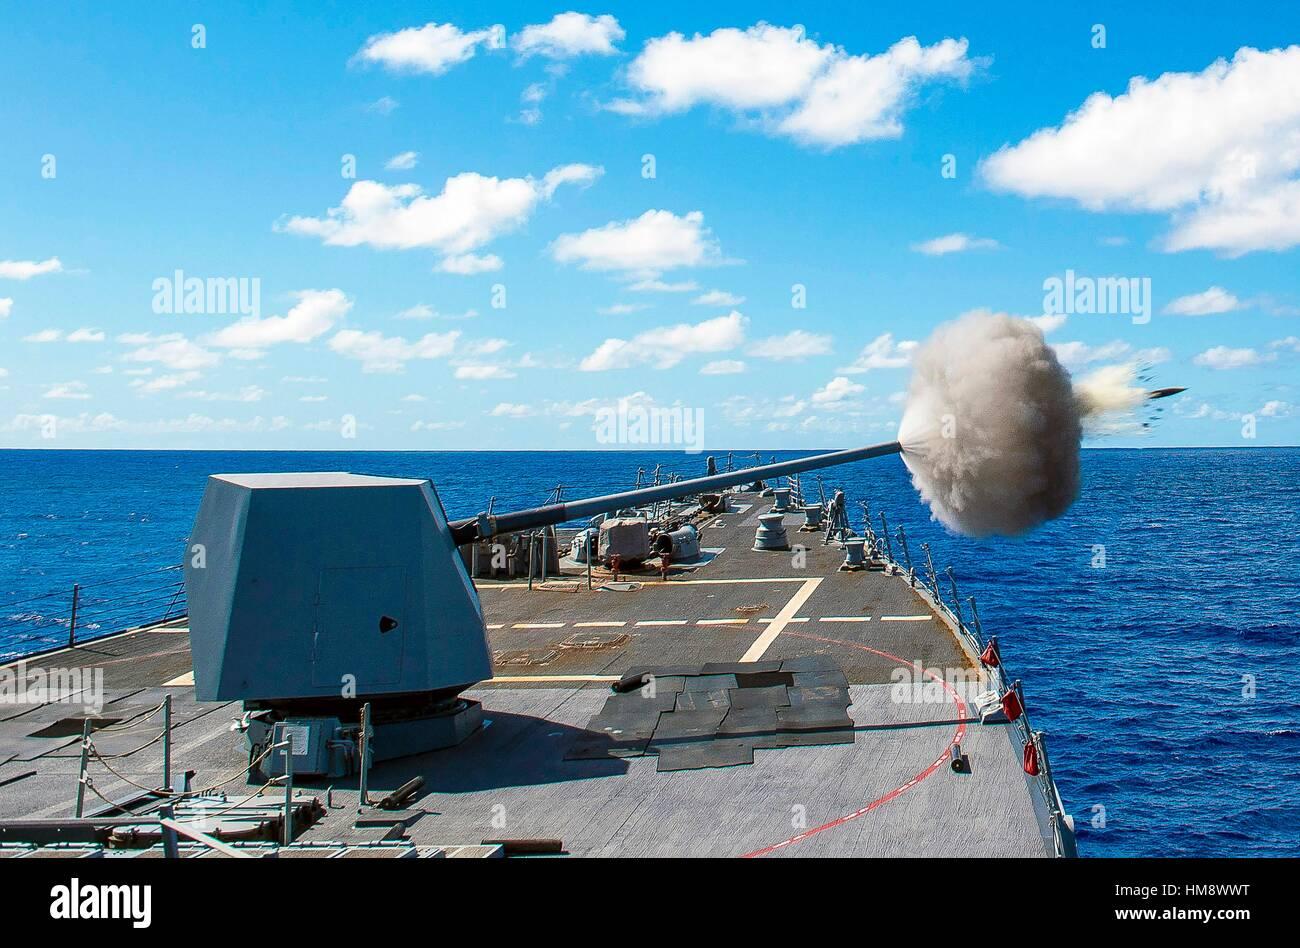 Mar de Filipinas (oct. 26, 2016) La desplegadas Arleigh Burke clase de misiles guiados destructor USS mccampbell (DDG 85), incendios sus mk45 pistola de 5 pulgadas Foto de stock